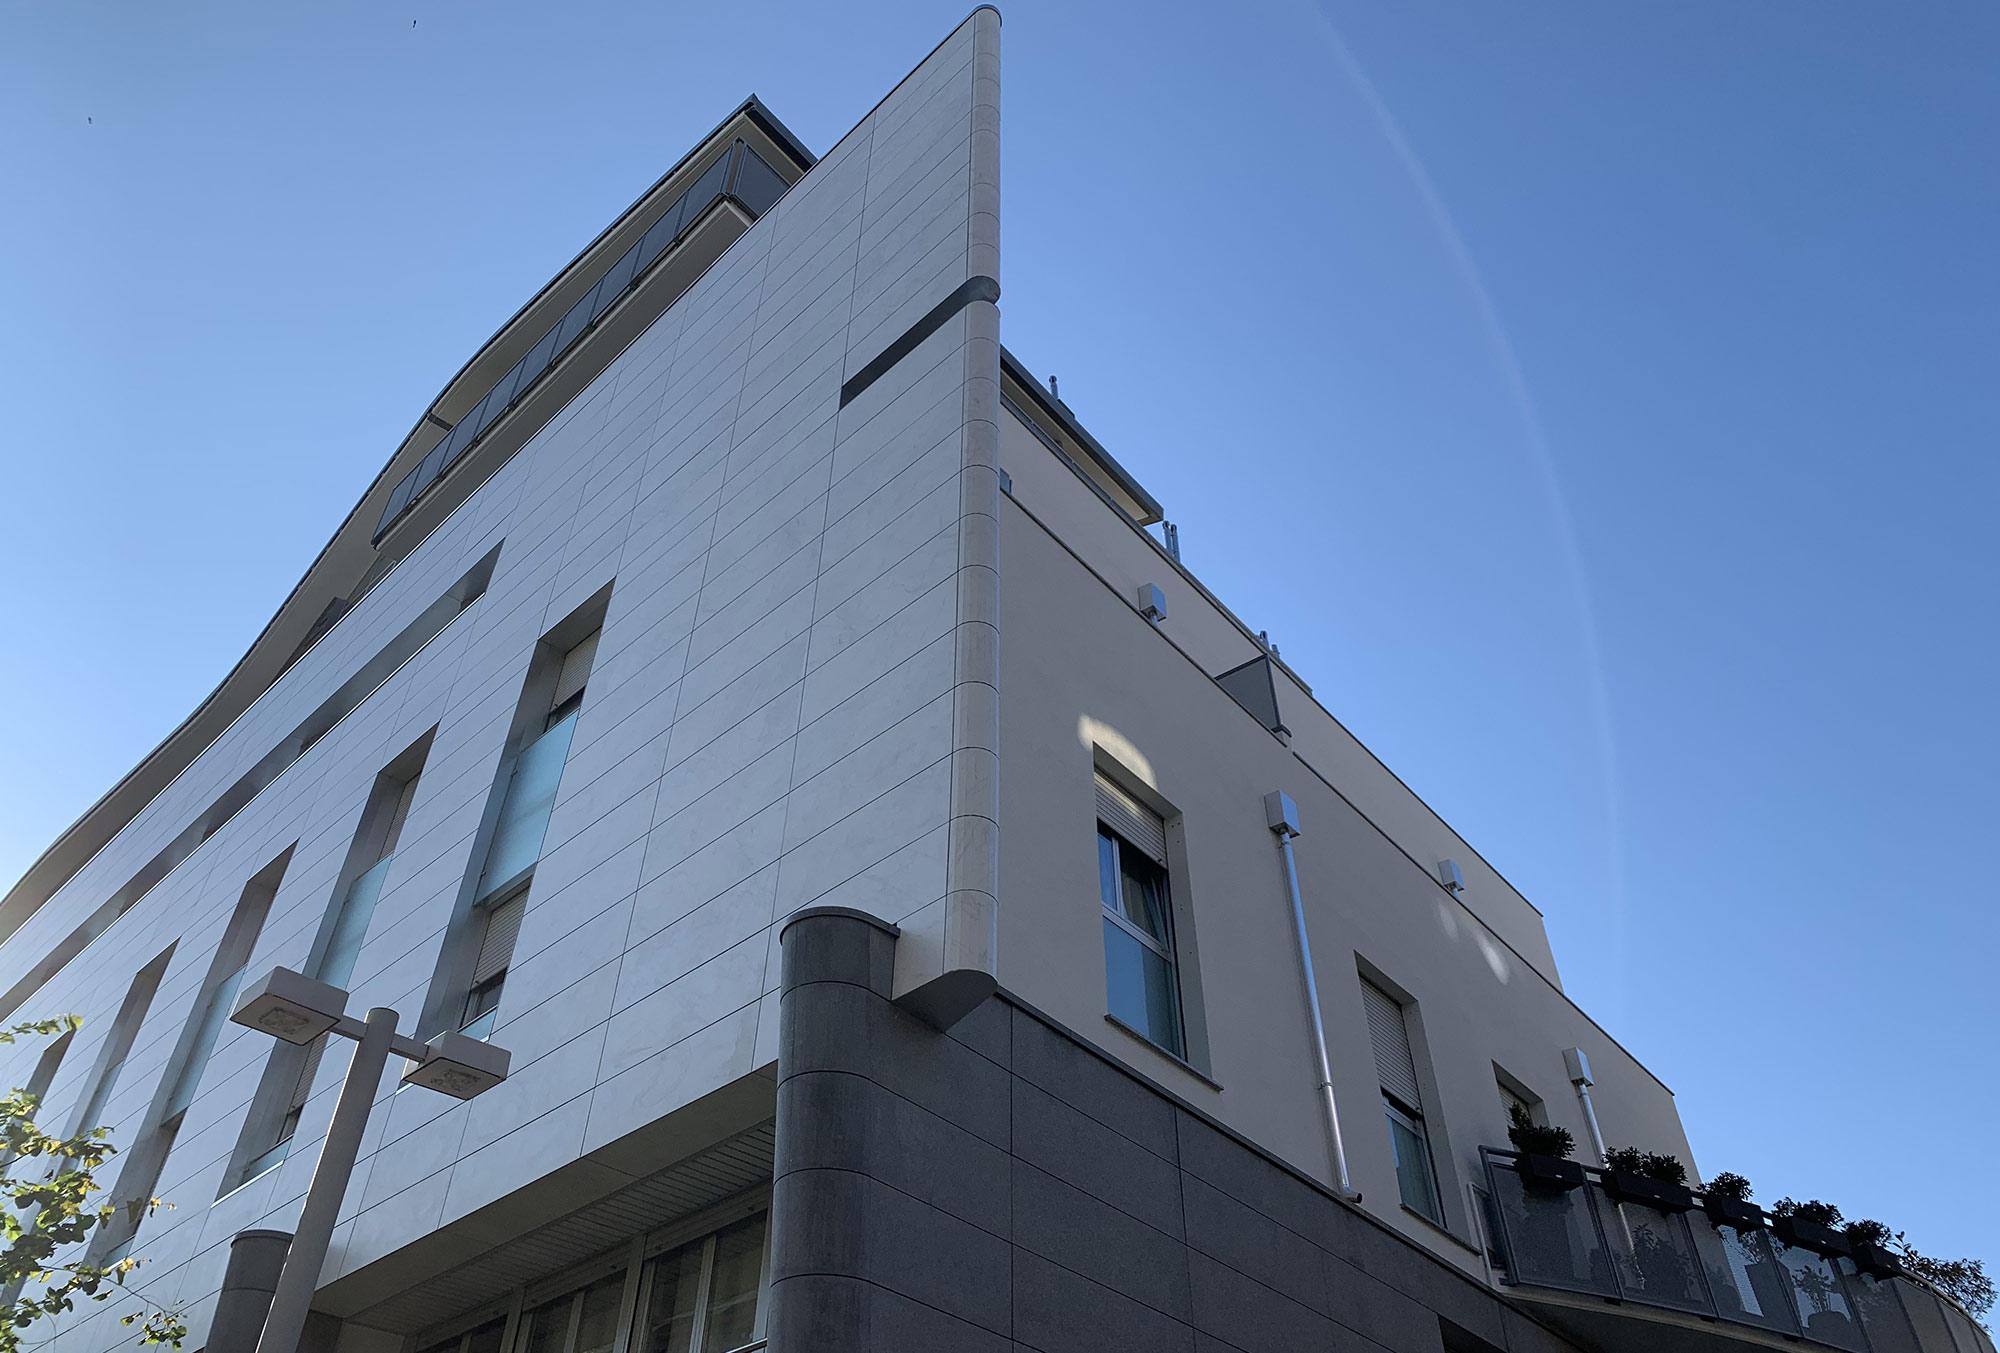 Condominio in Via Paglia a Bergamo, riqualificazione energetica. Dettagli facciata